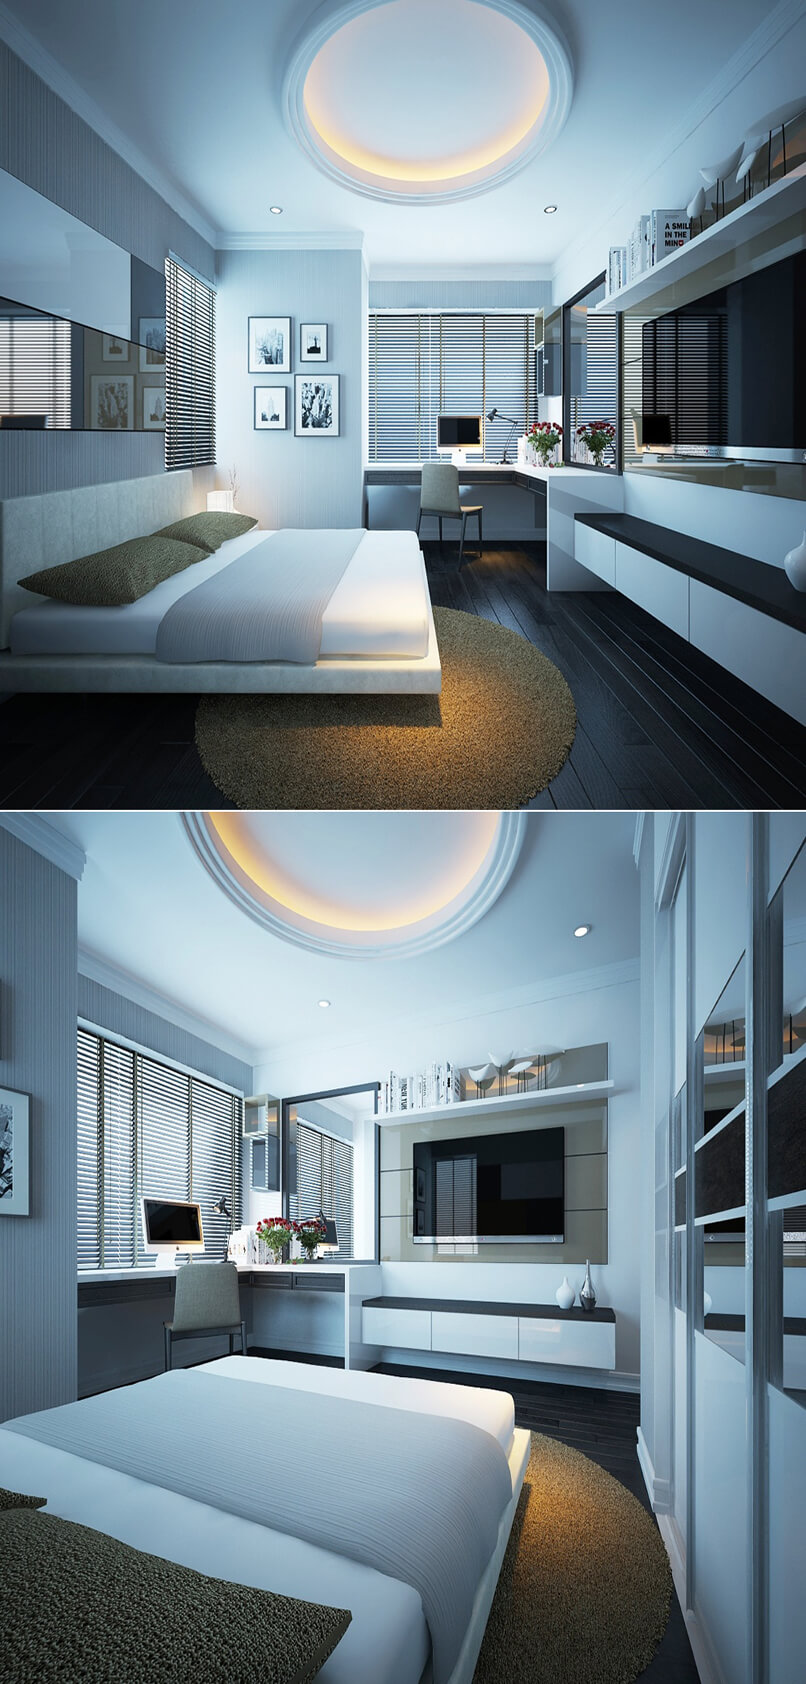 ý Tưởng Thiết Kế Phòng Ngủ Hiện đại độc đáo (1)